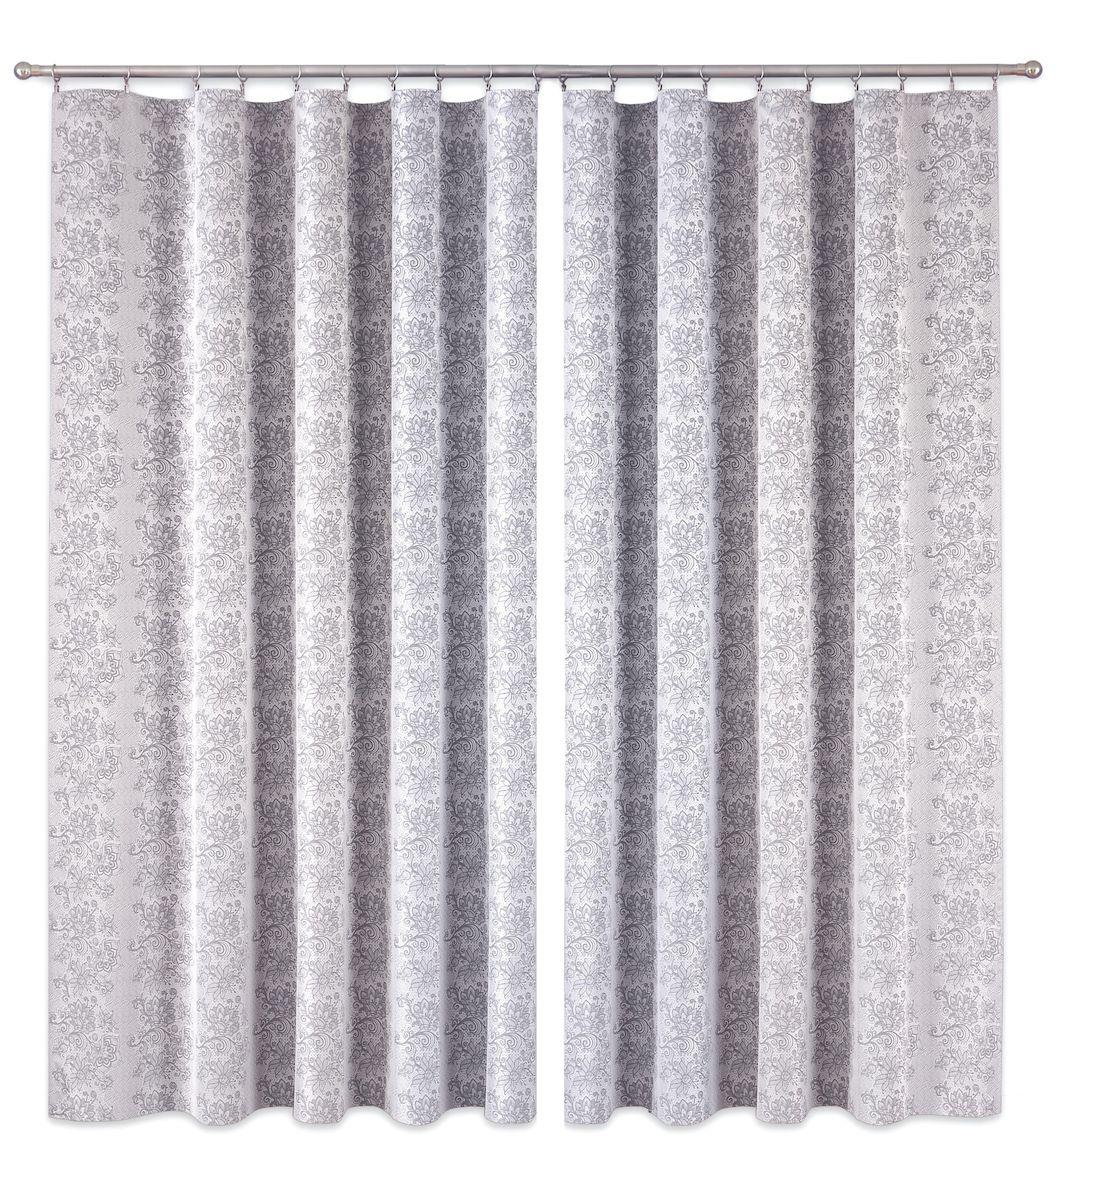 Комплект штор P Primavera Firany, цвет: серый, высота 250 см. 1110018106-026Комплект шториз полиэстровой жаккардовой ткани с пришитой шторнойлентой. Размер - ширина 180 см высота 250см. Набор 2 штуки. Цвет серый.Размер: ширина 180 х высота 250